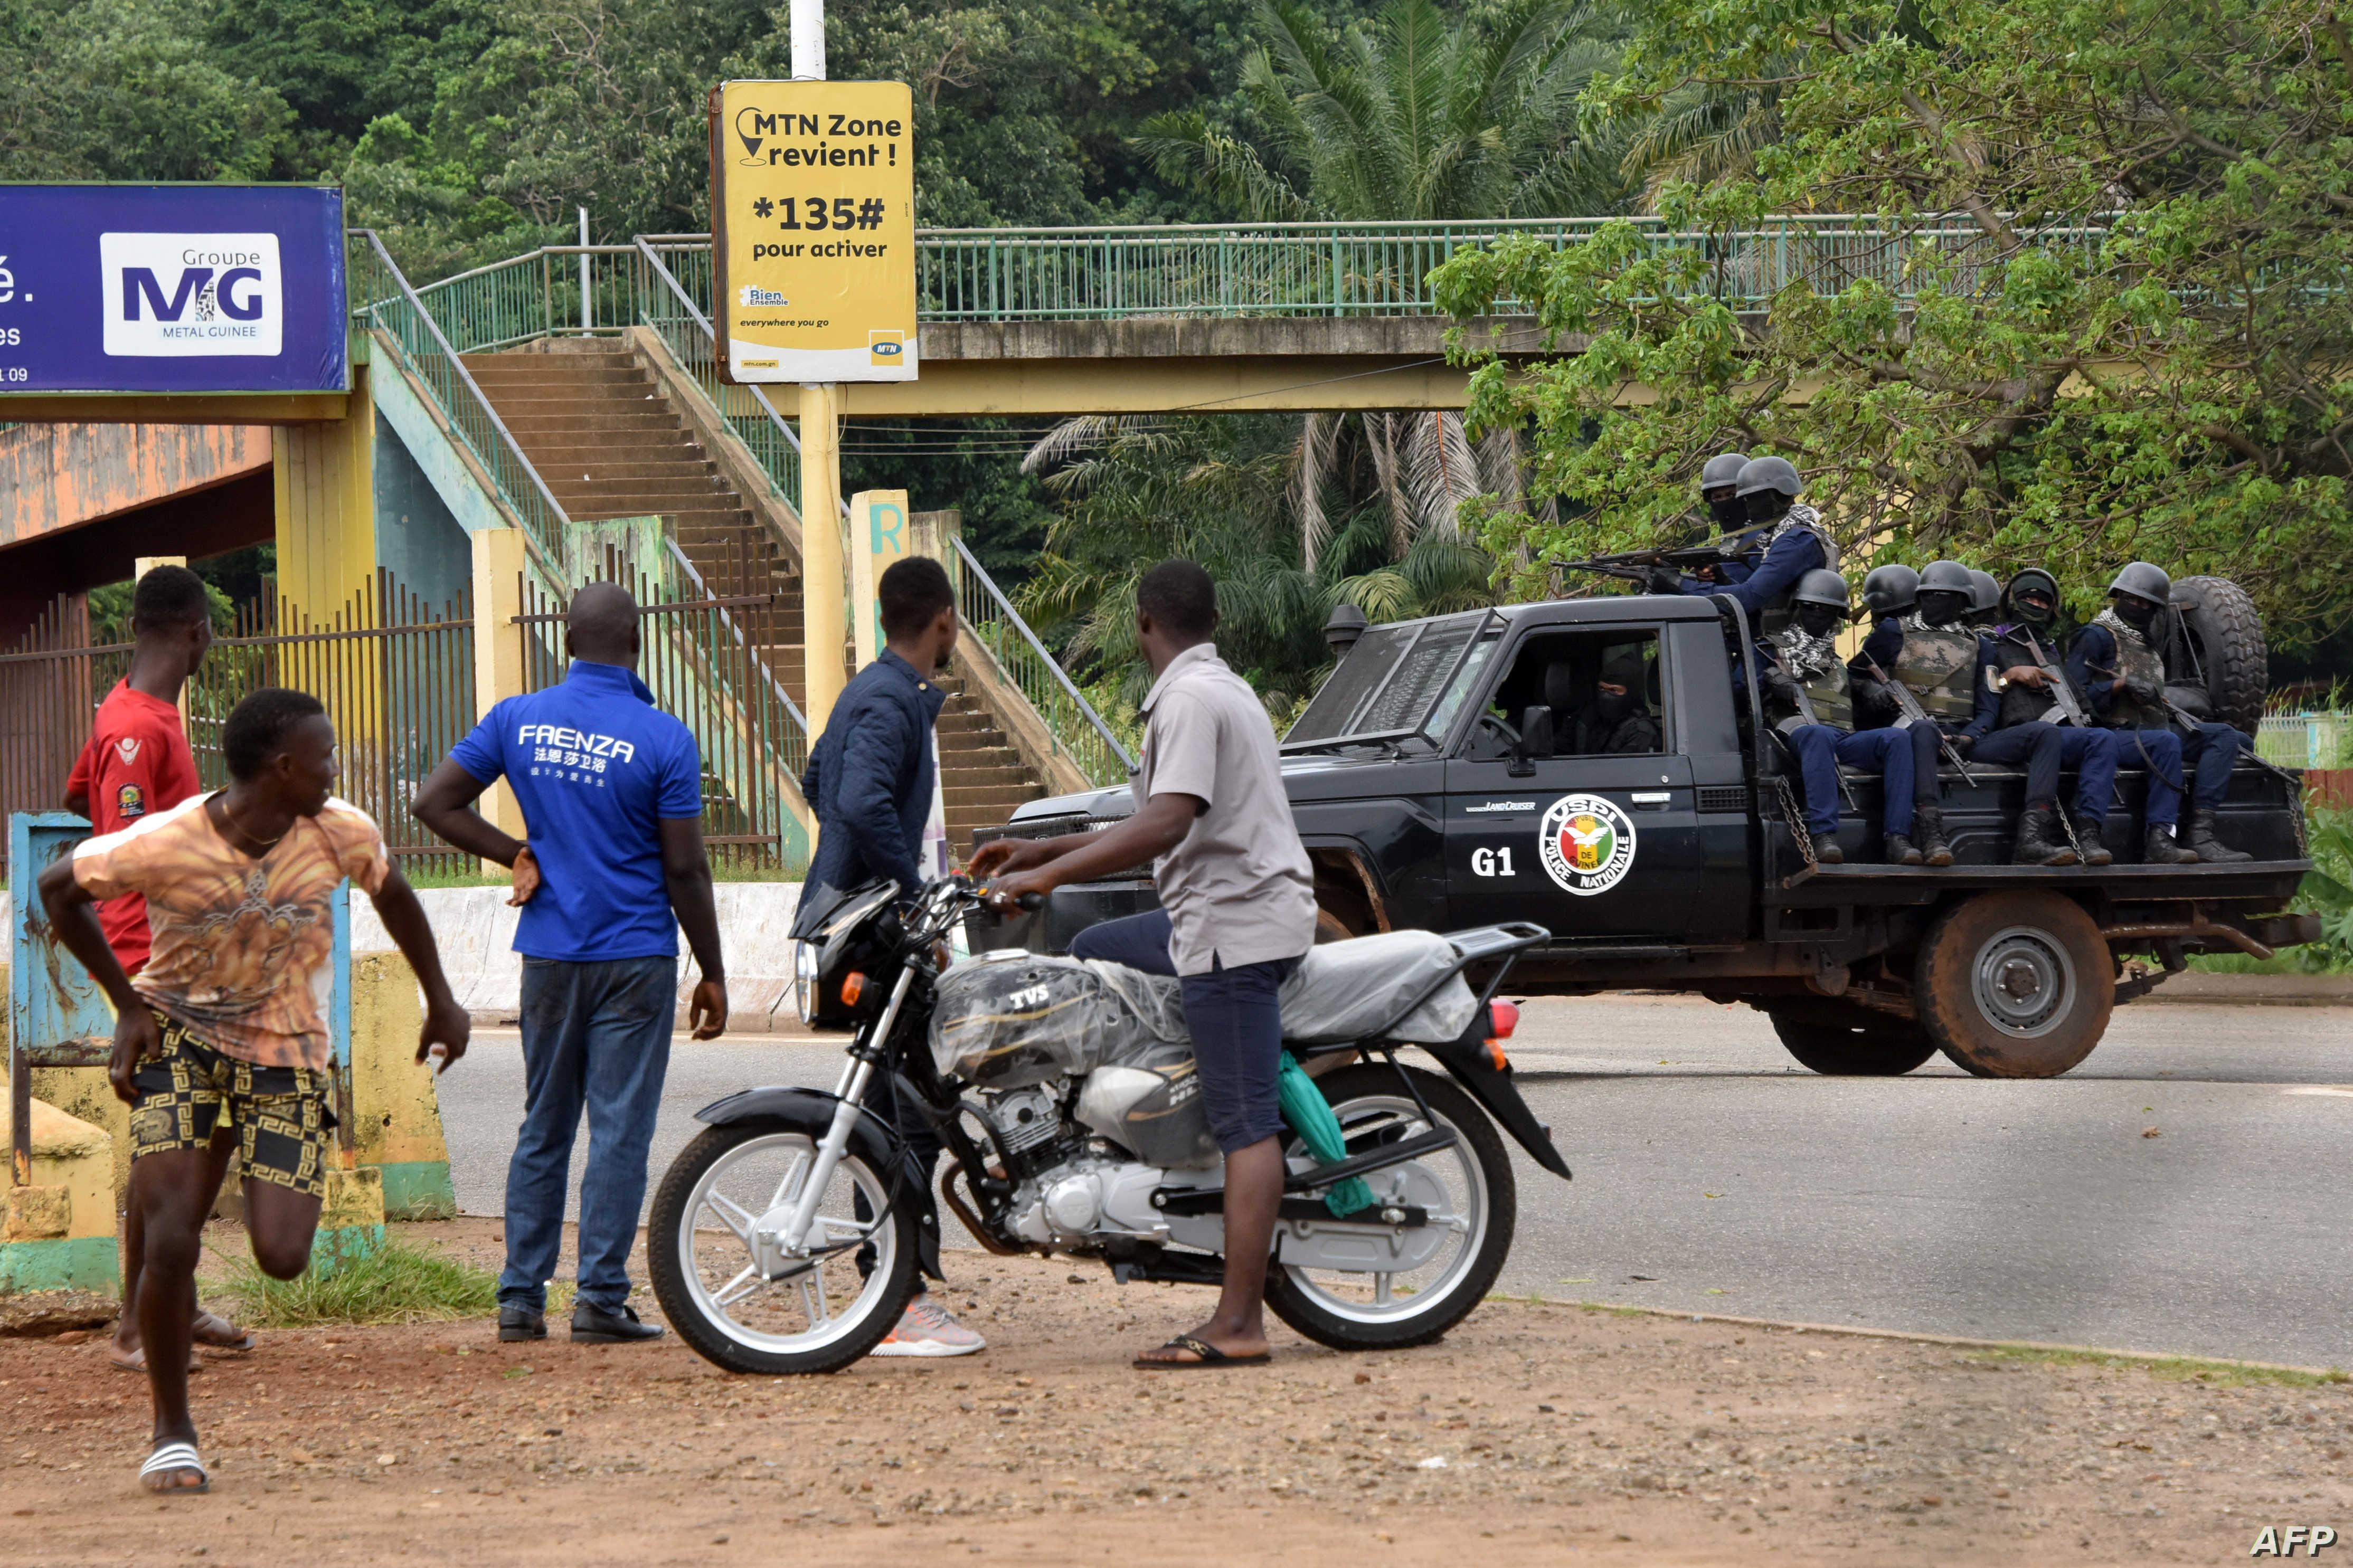 انقلاب غينيا كوناكري: الدوافع والمآلات